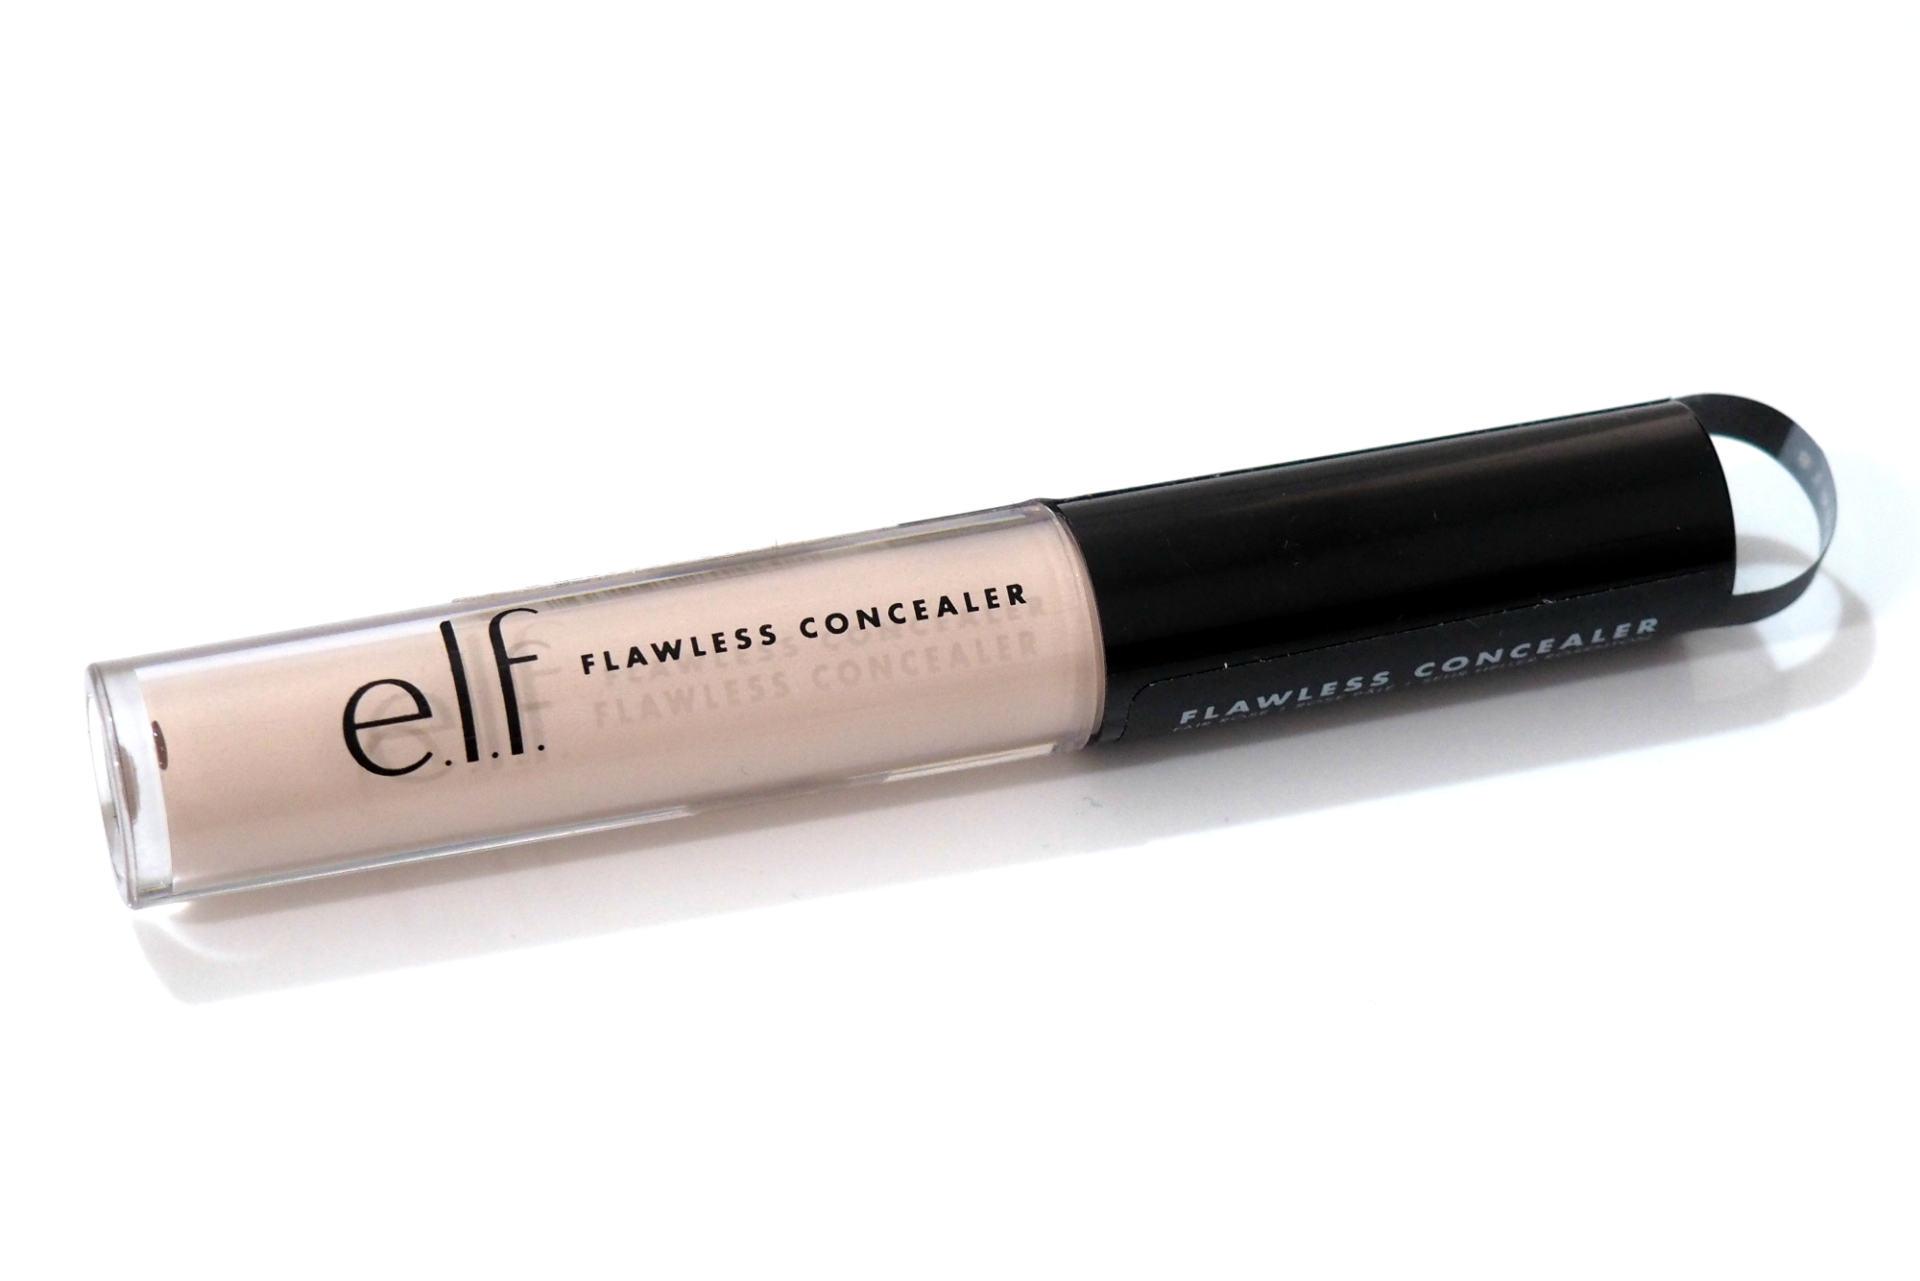 ELF Flawless Concealer